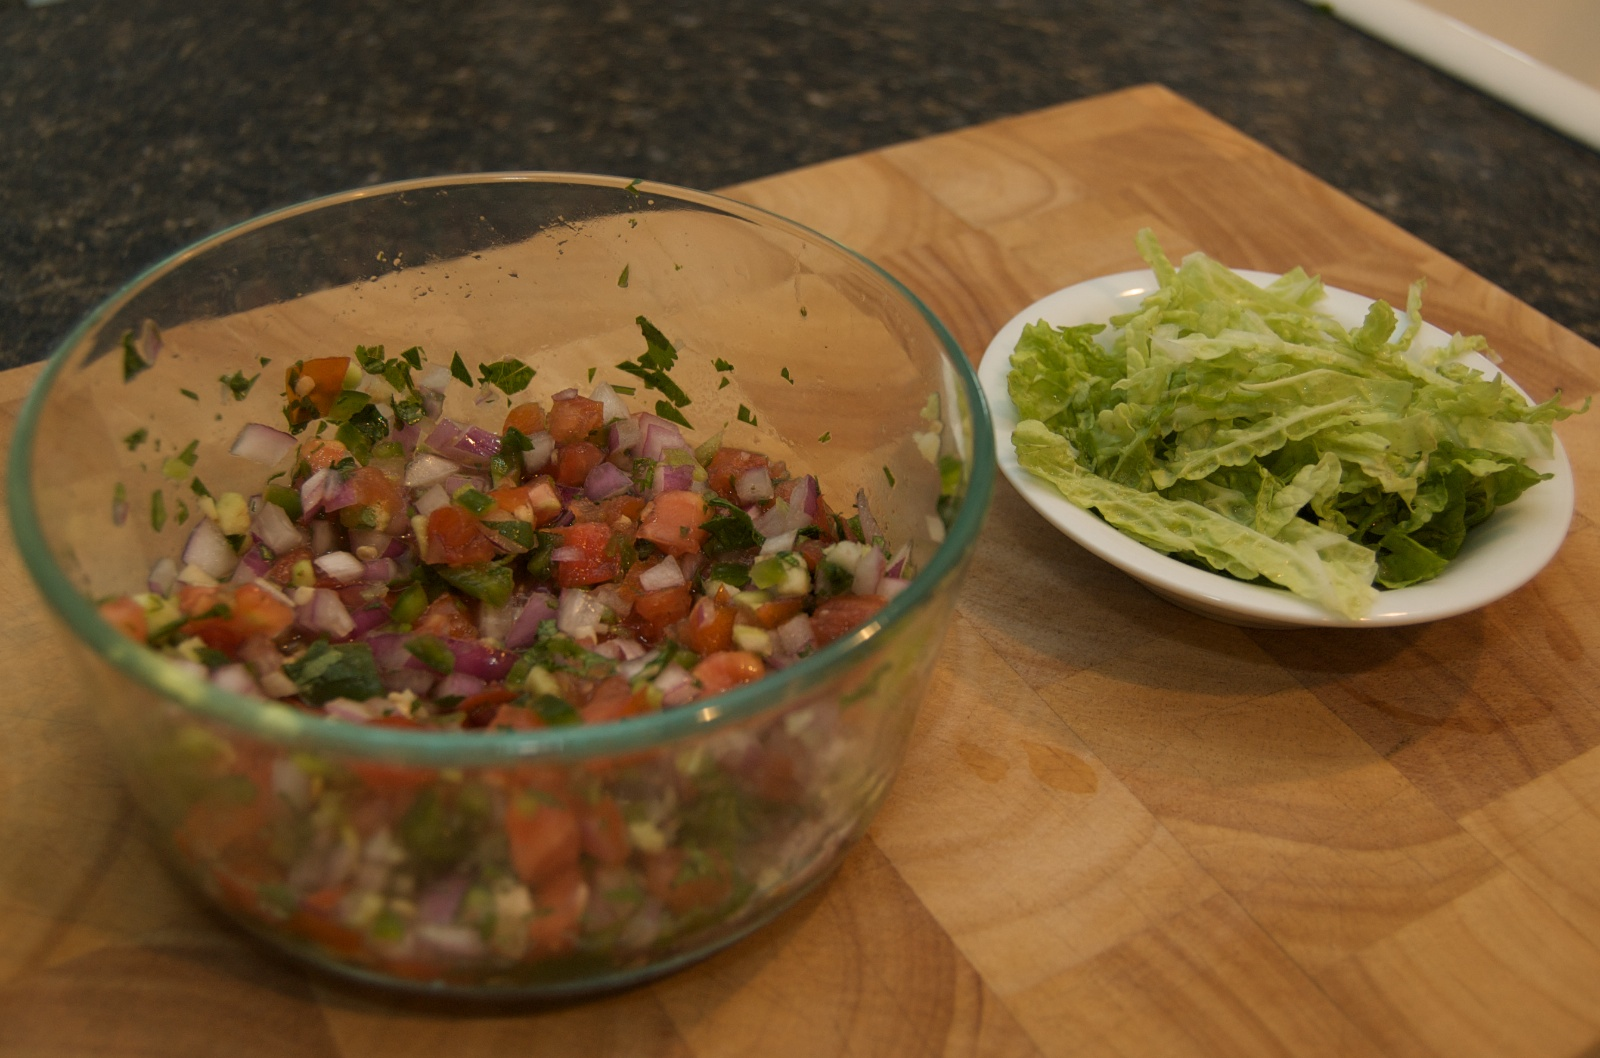 http://blog.rickk.com/food/2010/07/19/fishtaco2.jpg